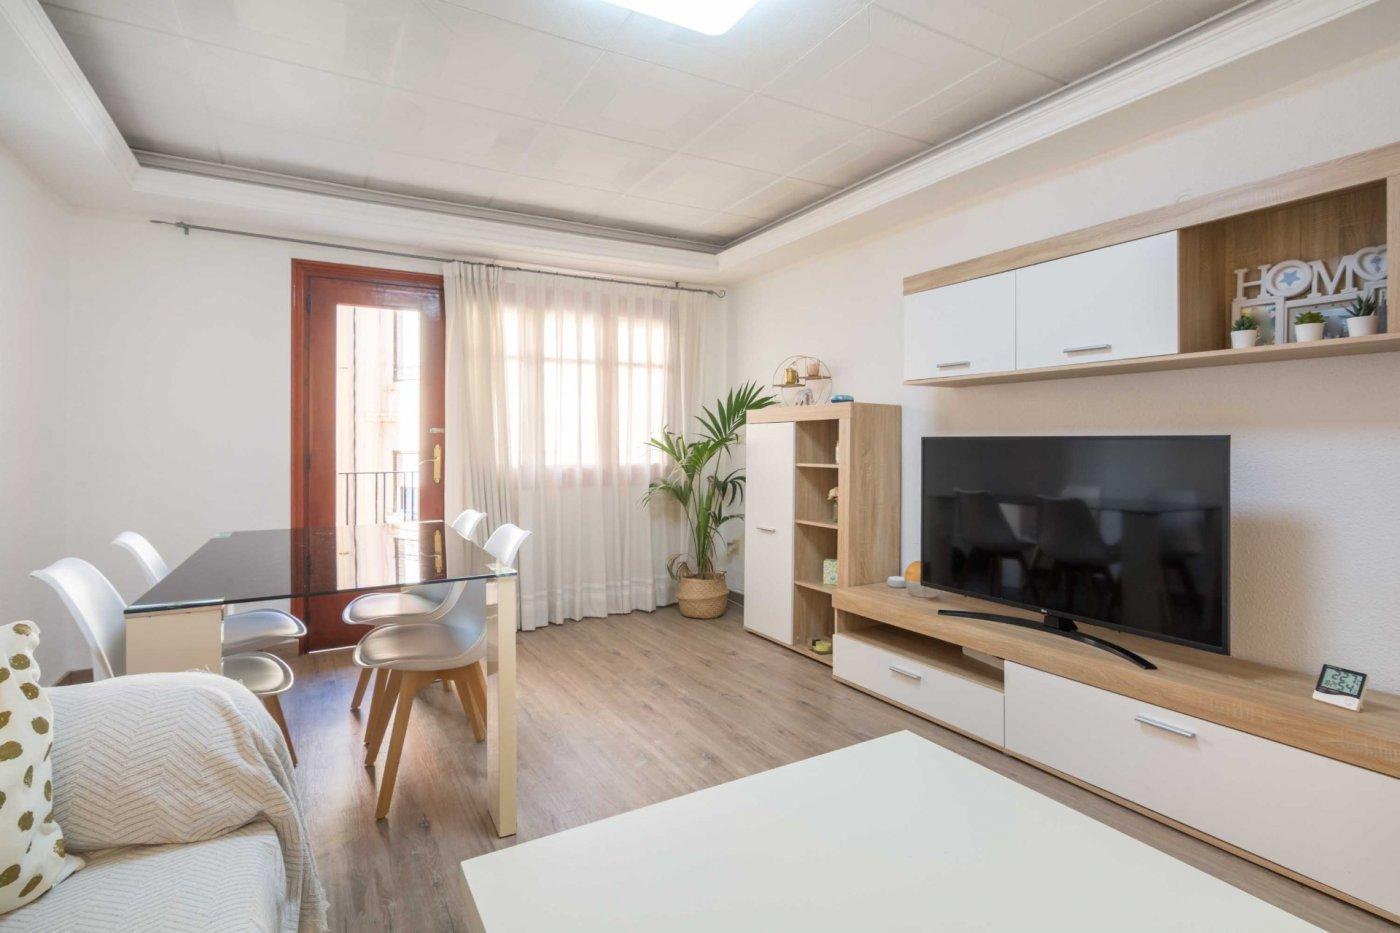 Apartamento, SUR, Venta - Castellón (Castellón)